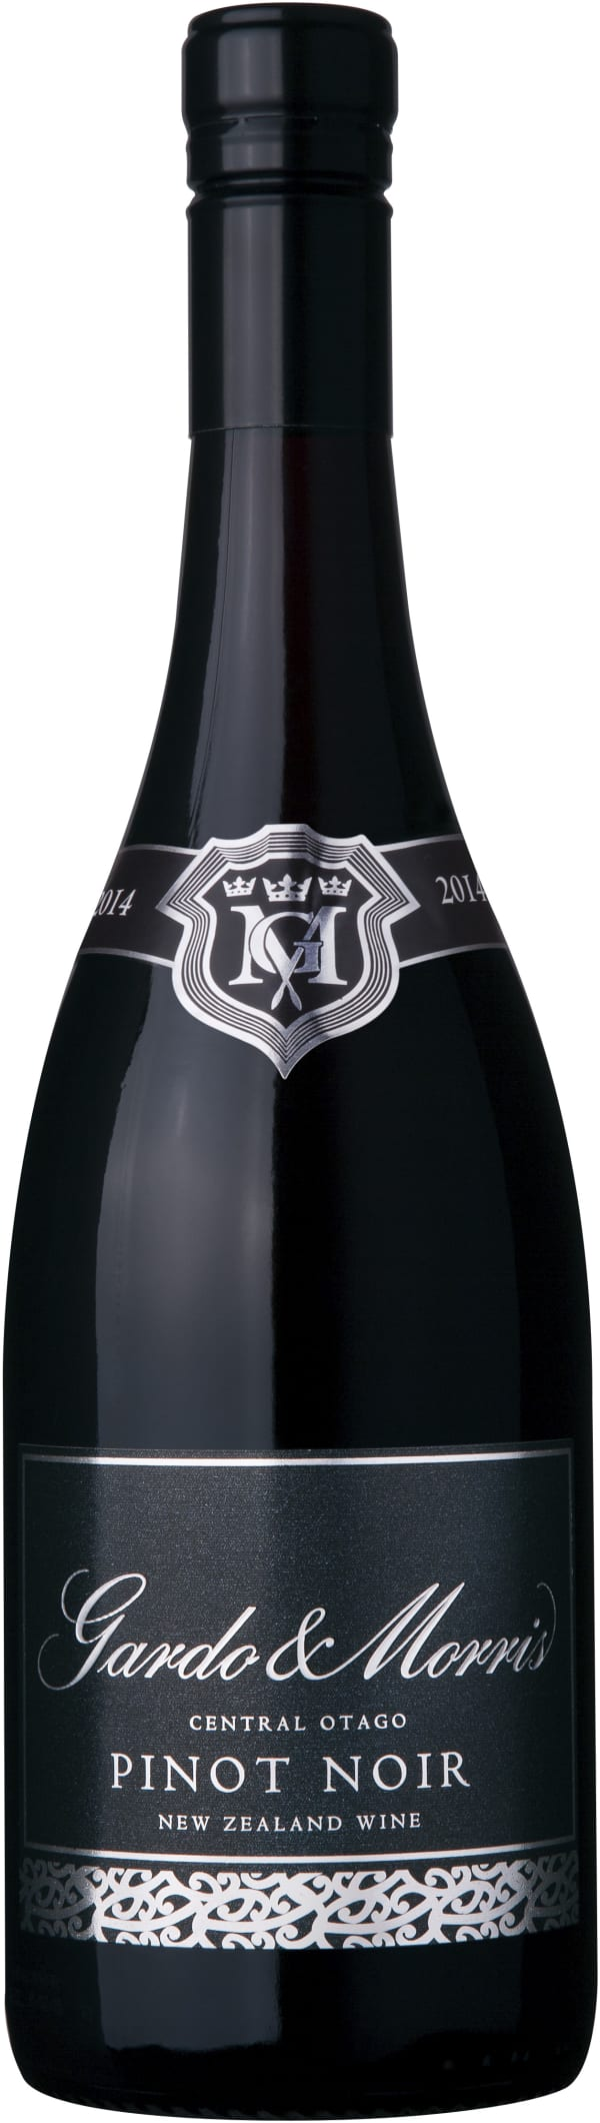 Gardo & Morris Pinot Noir 2014